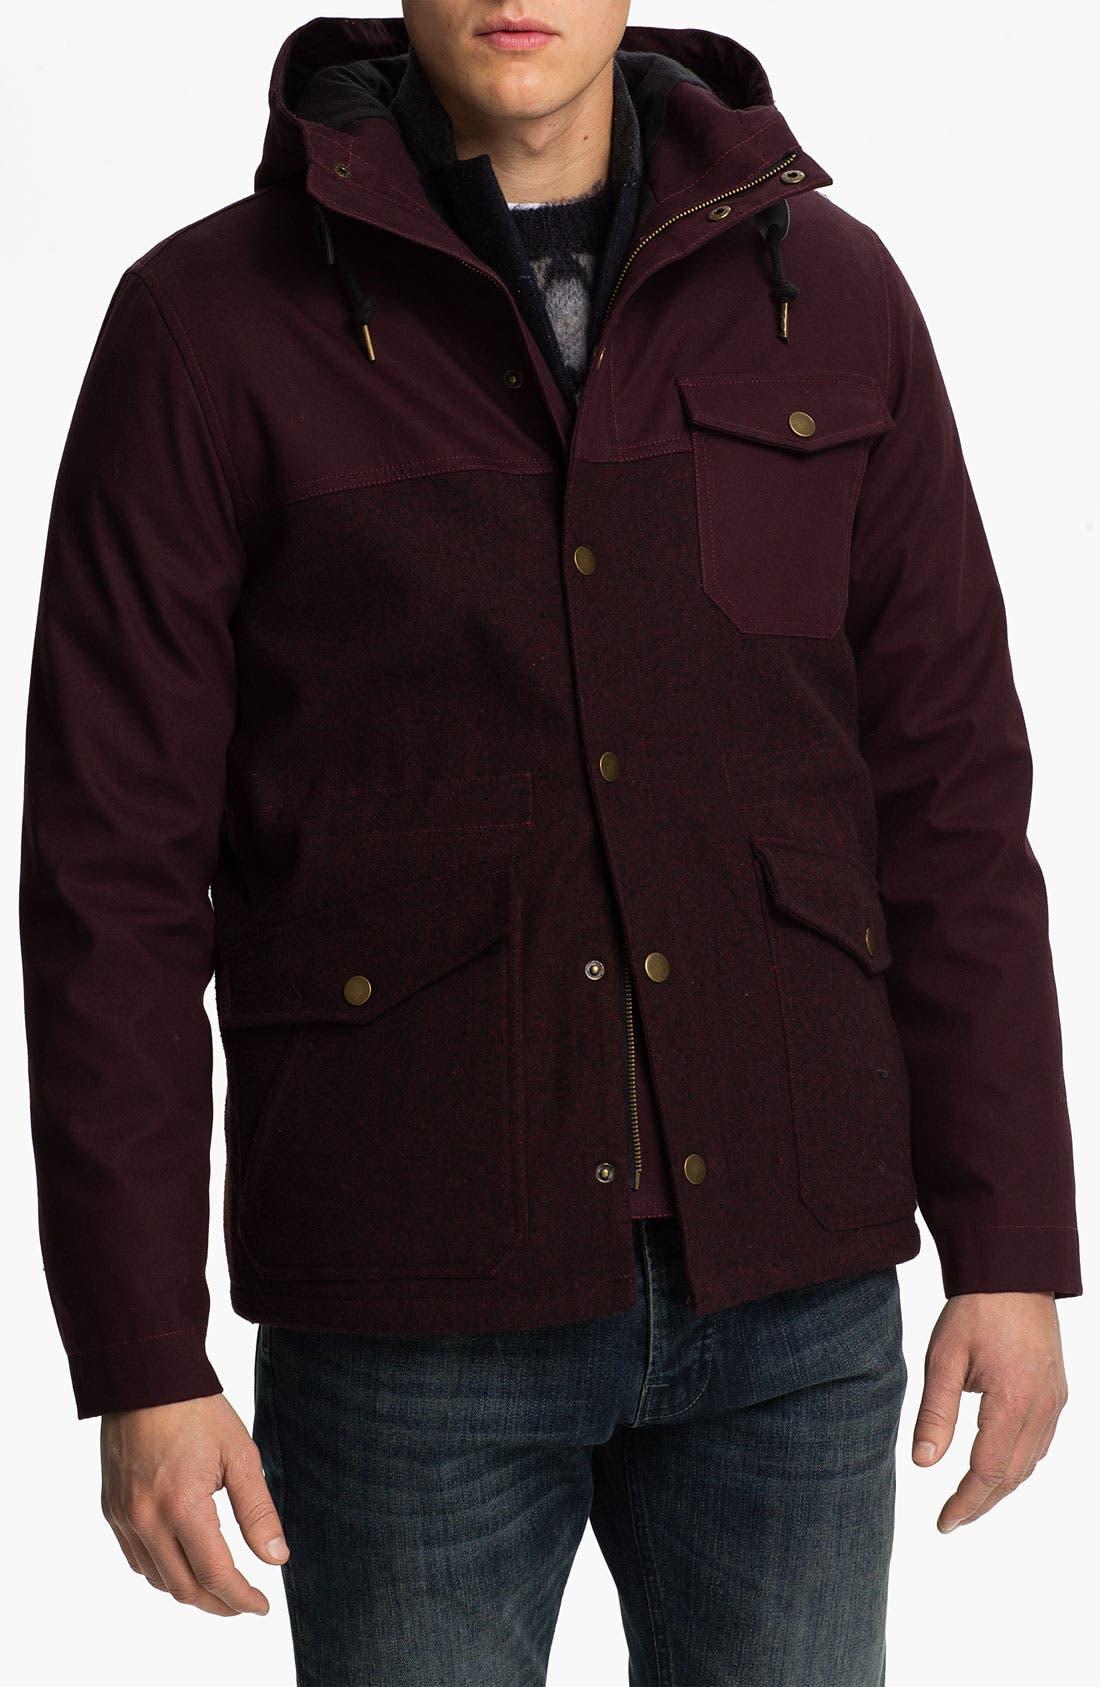 Alternate Image 1 Selected - Topman 'North' Trek Jacket